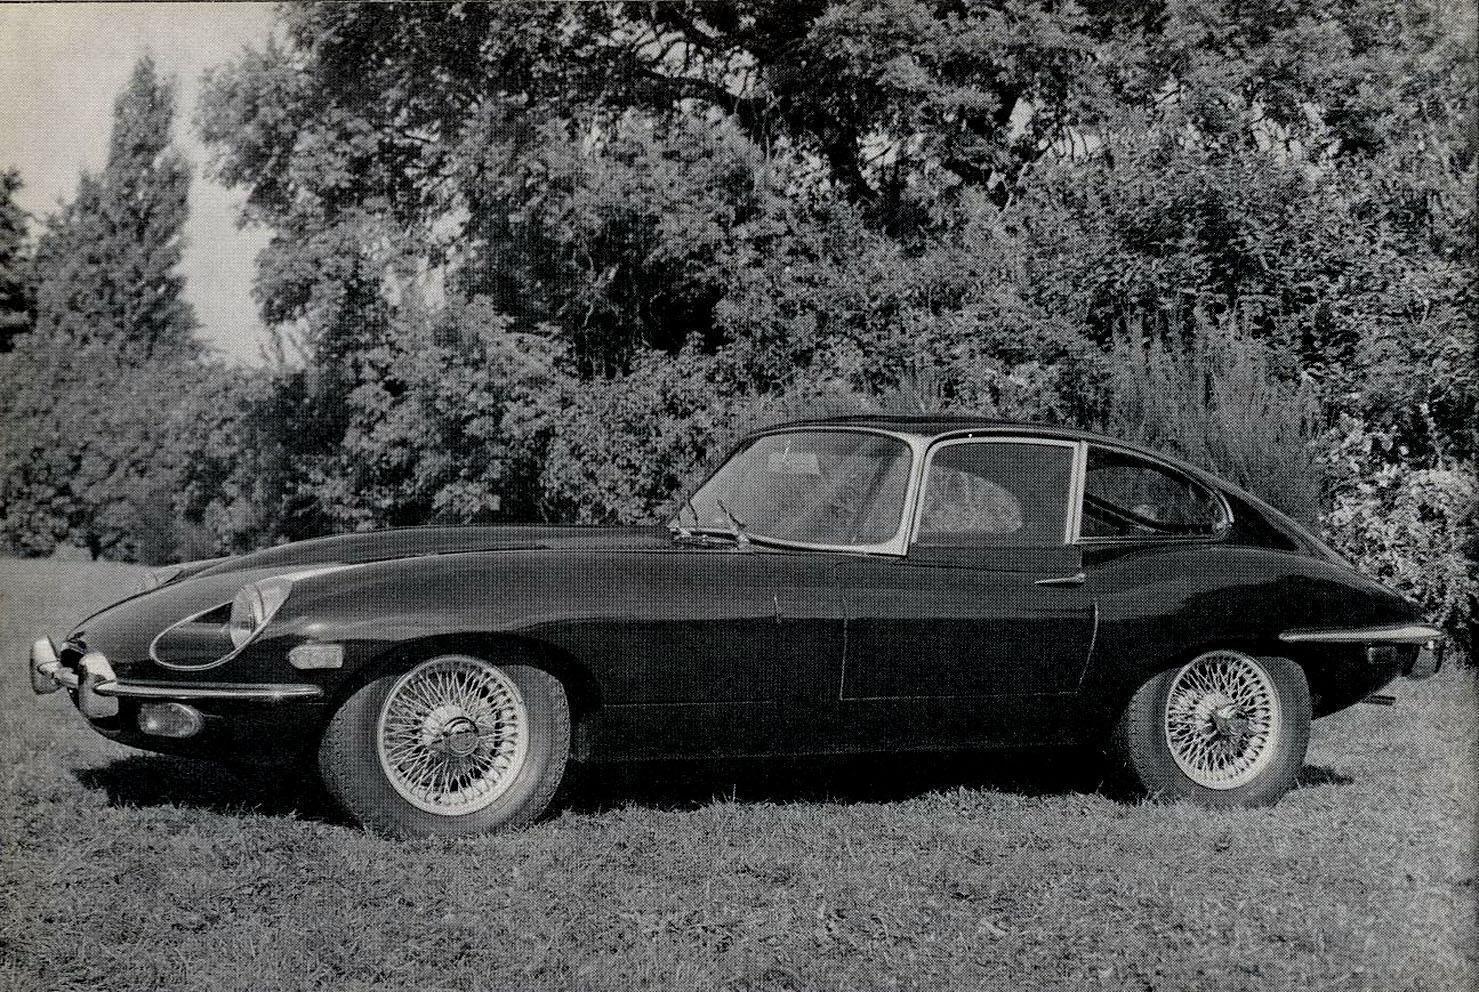 TunnelRam_Jaguar_E-type_1968 (4).jpg